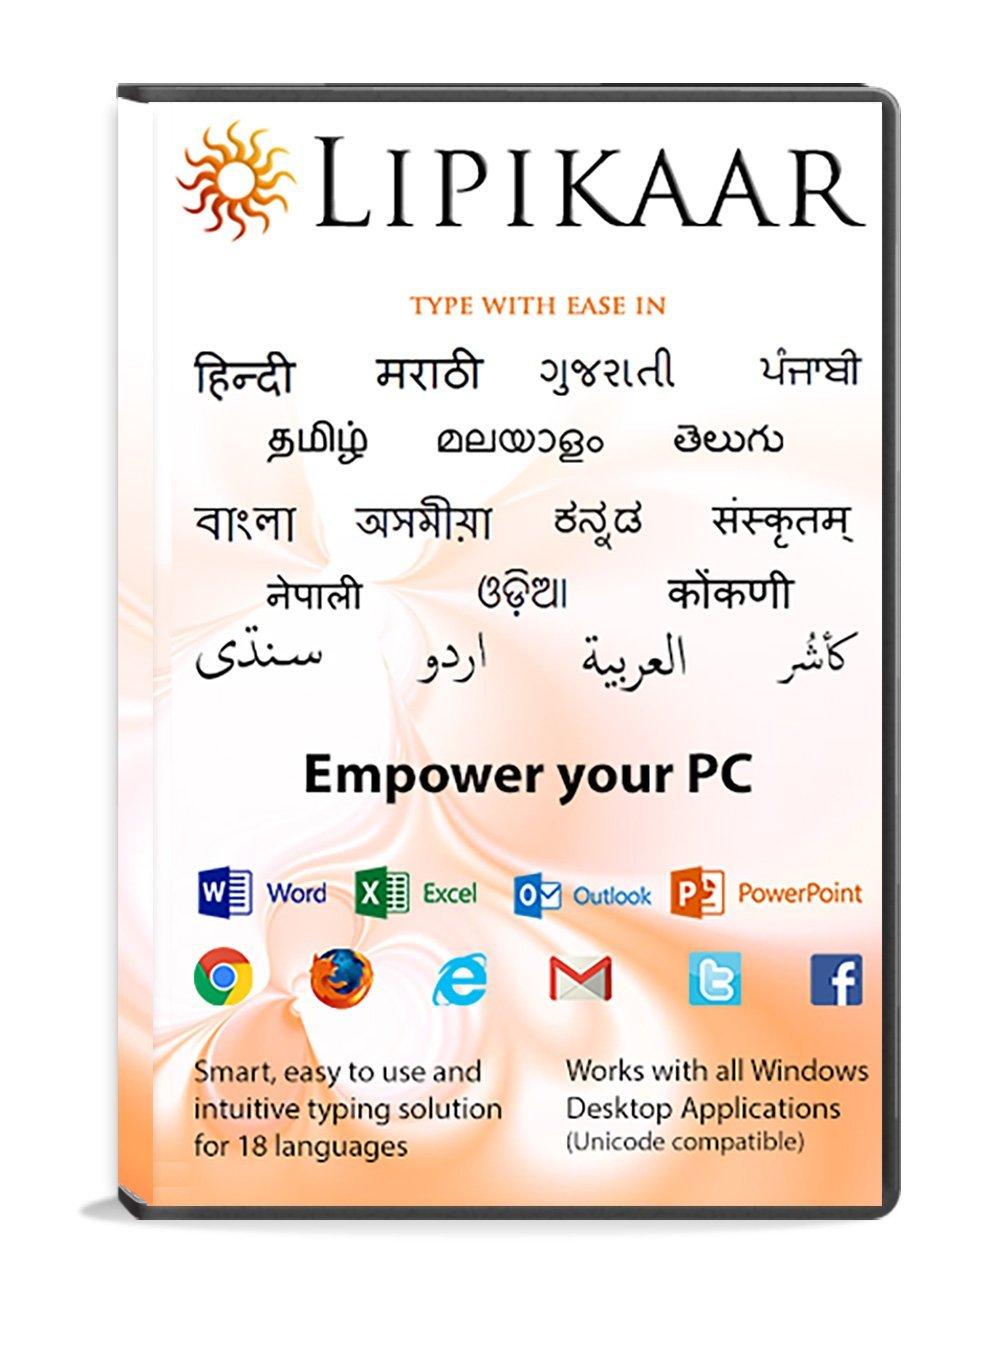 Free download Lipikaar - Punjabi Typing Software for windows 10 pro